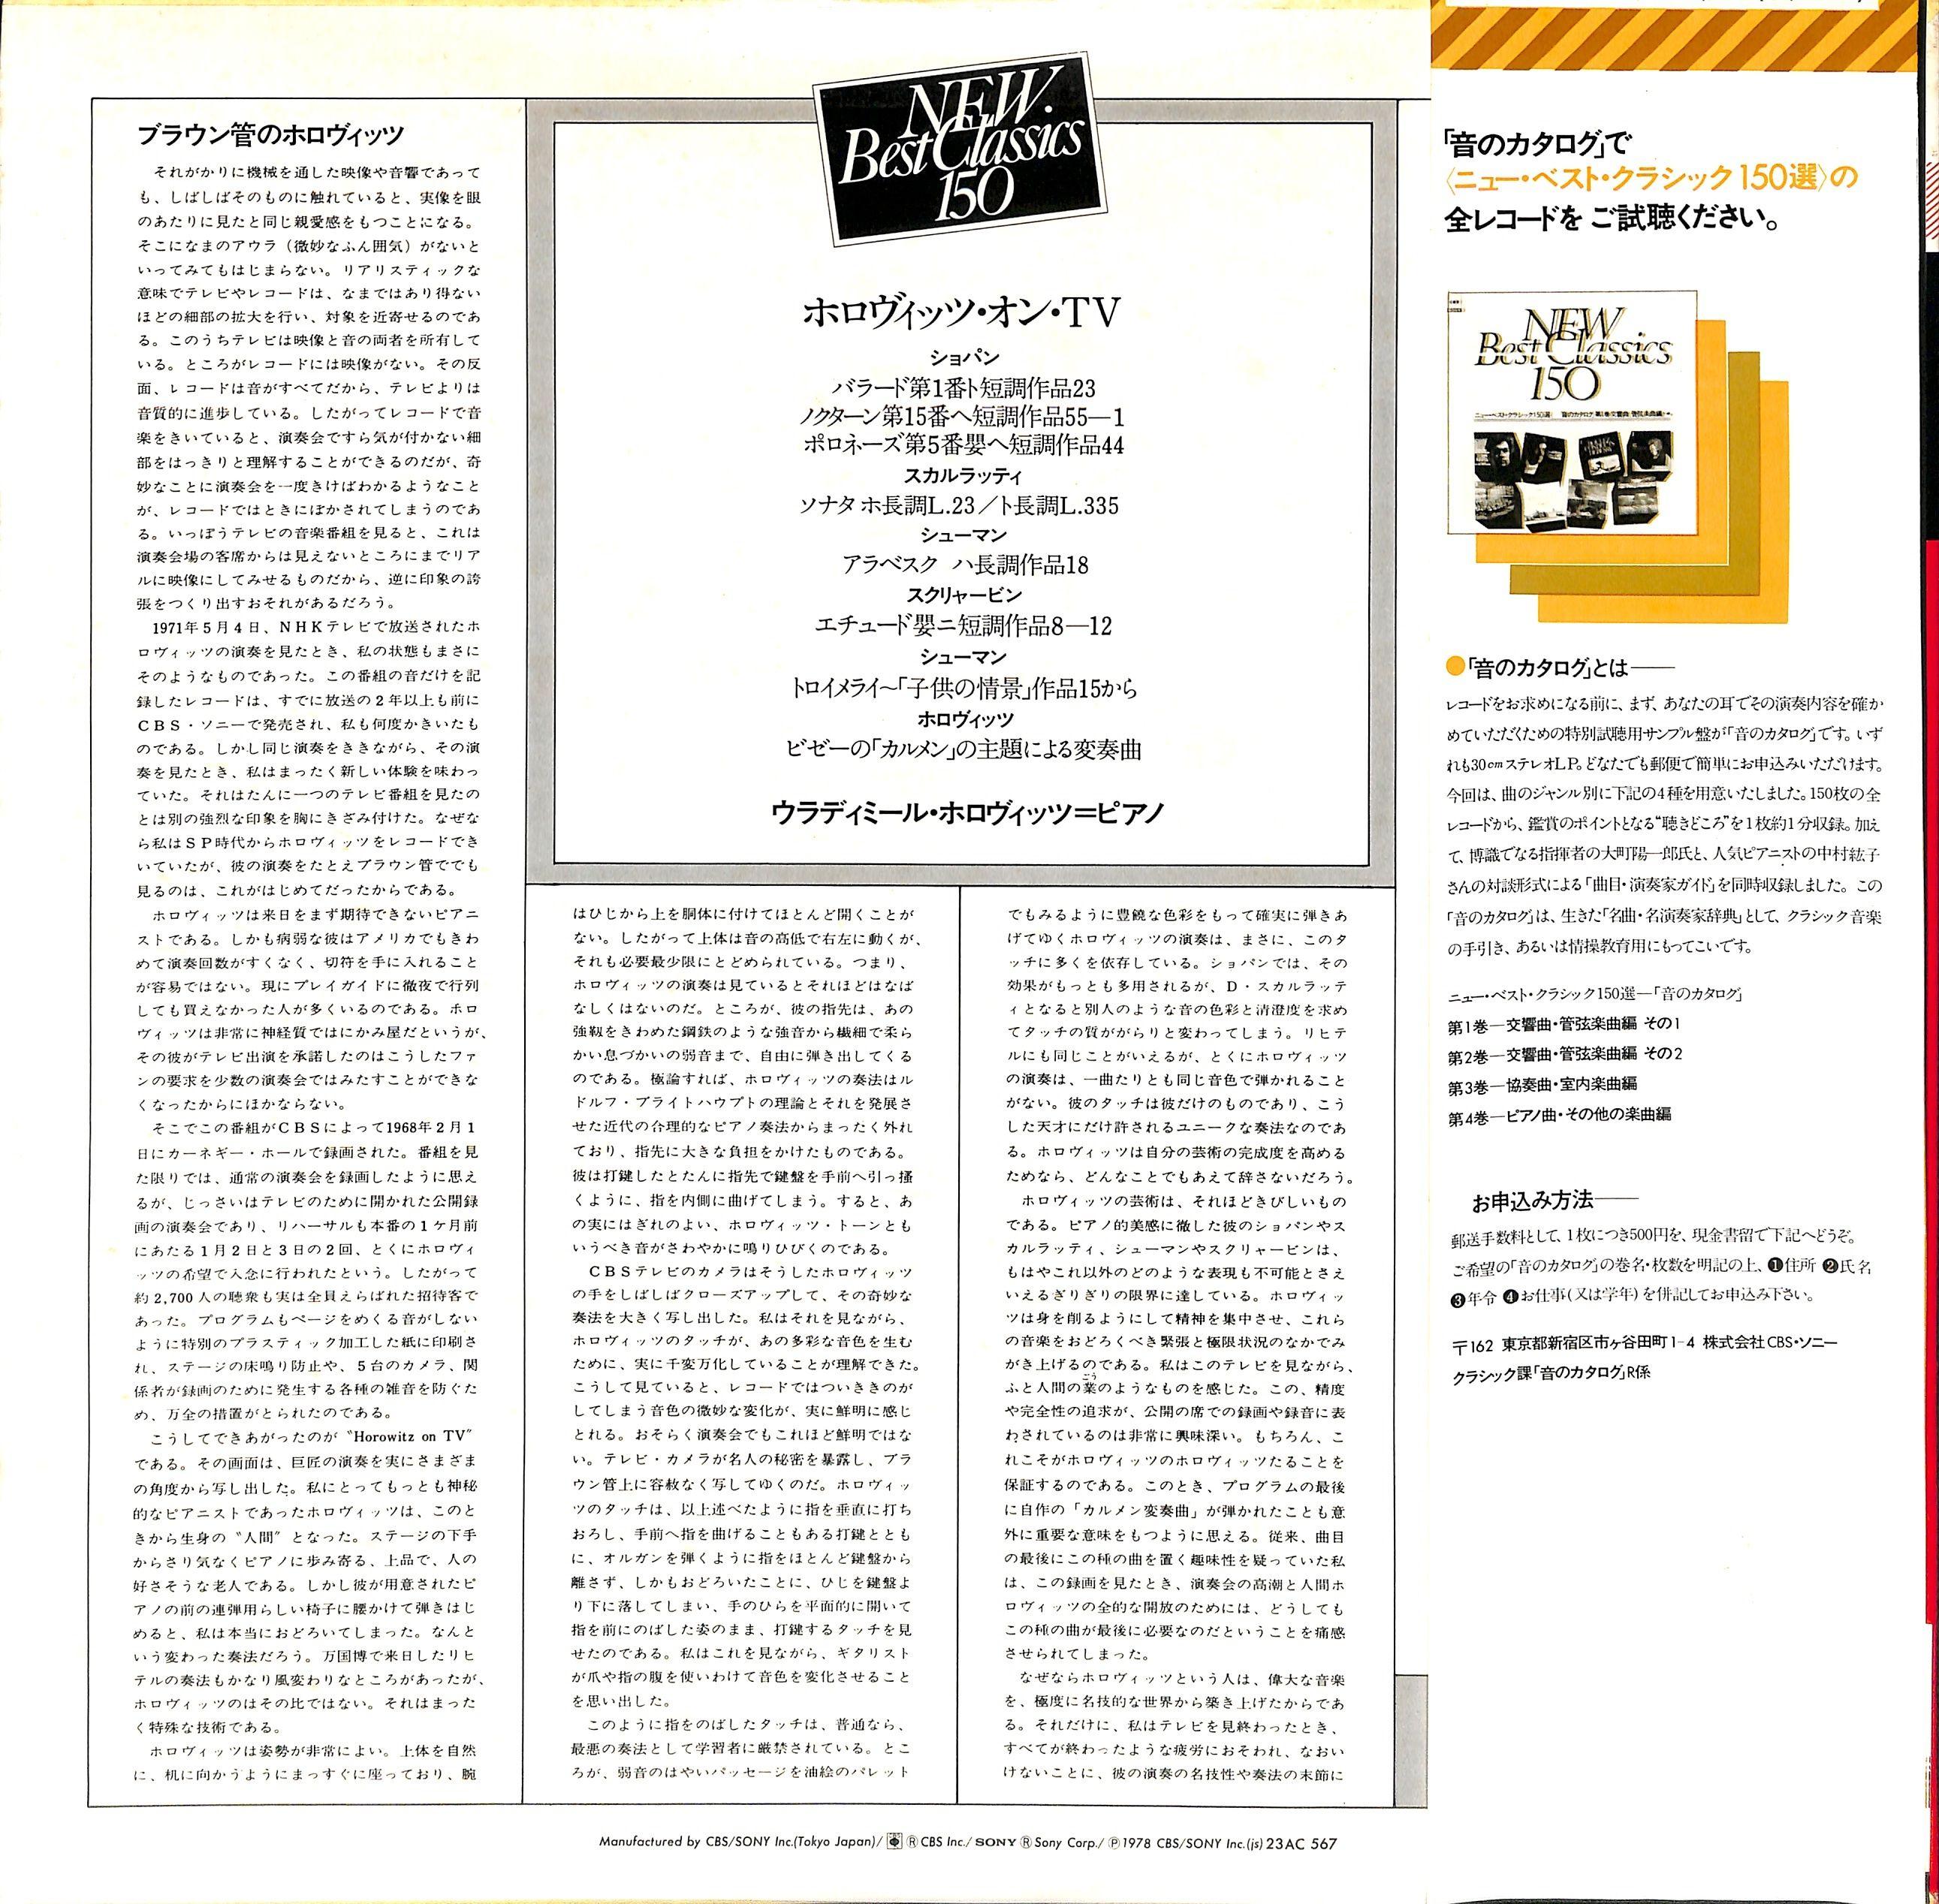 https://p1-e6eeae93.imageflux.jp/booksch/93da160bb85988e55415.jpeg